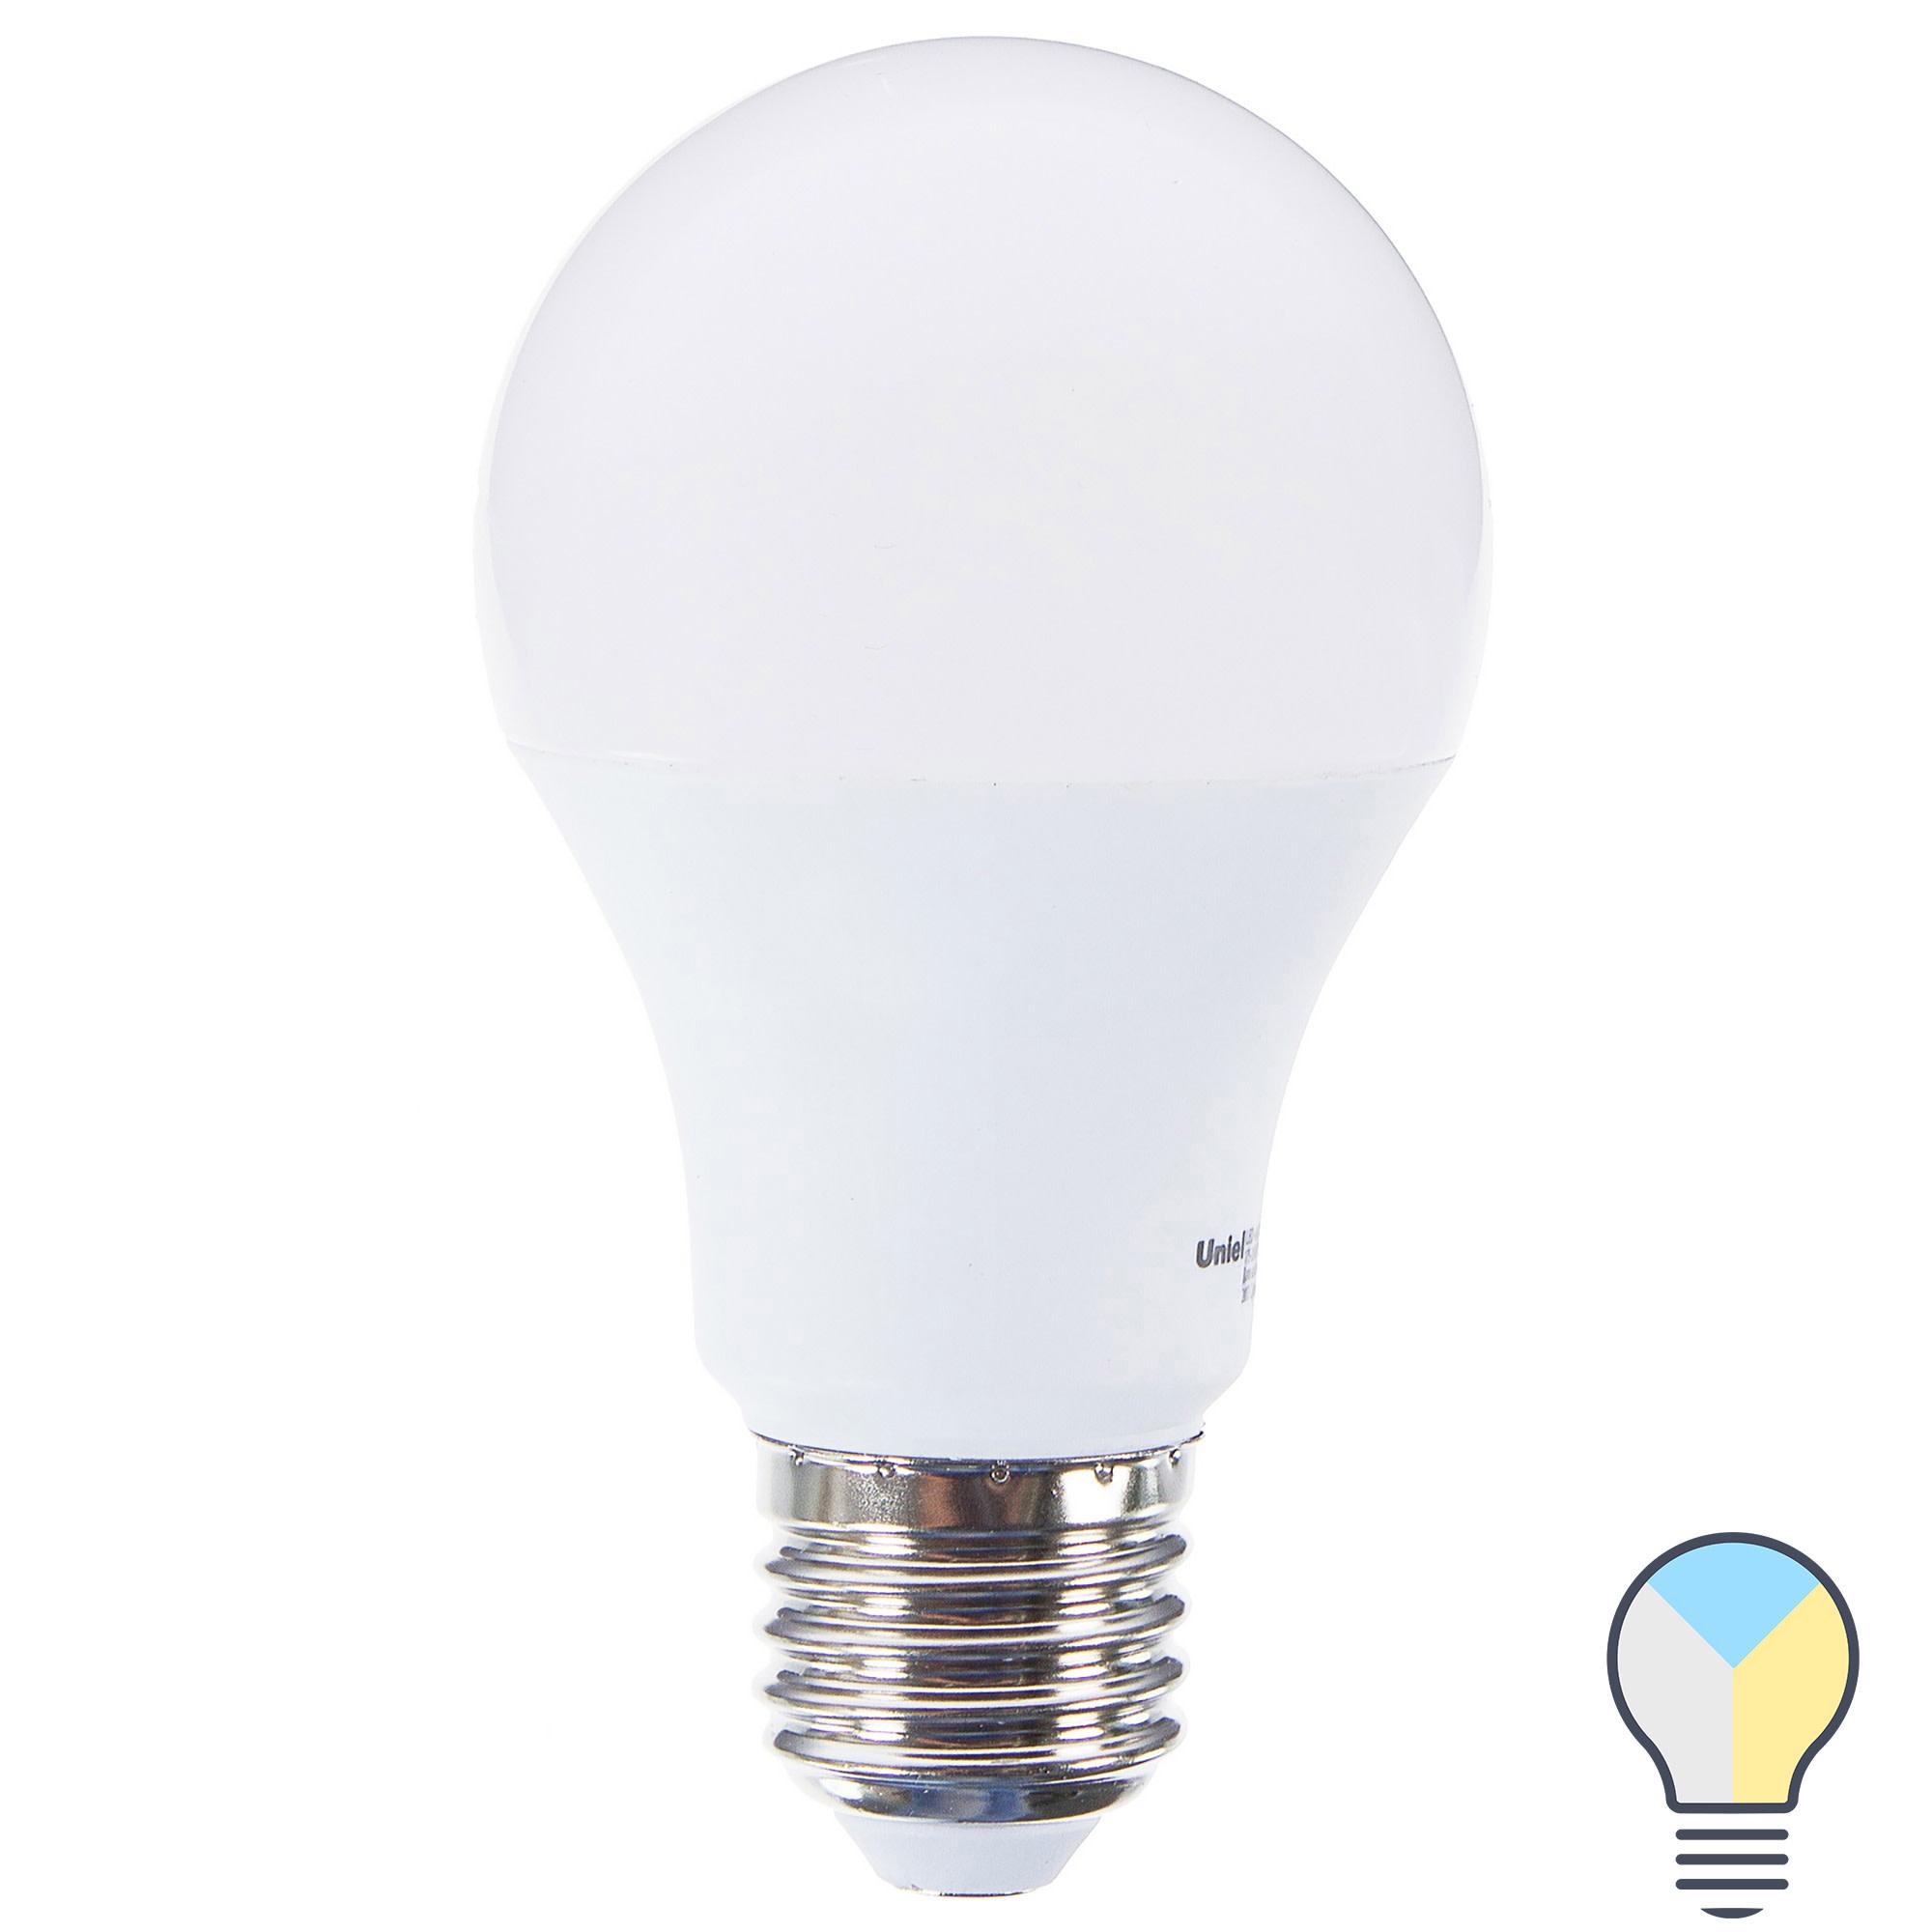 Лампа светодиодная Uniel E27 9 Вт 720 Лм свет тёплый/холодный белый